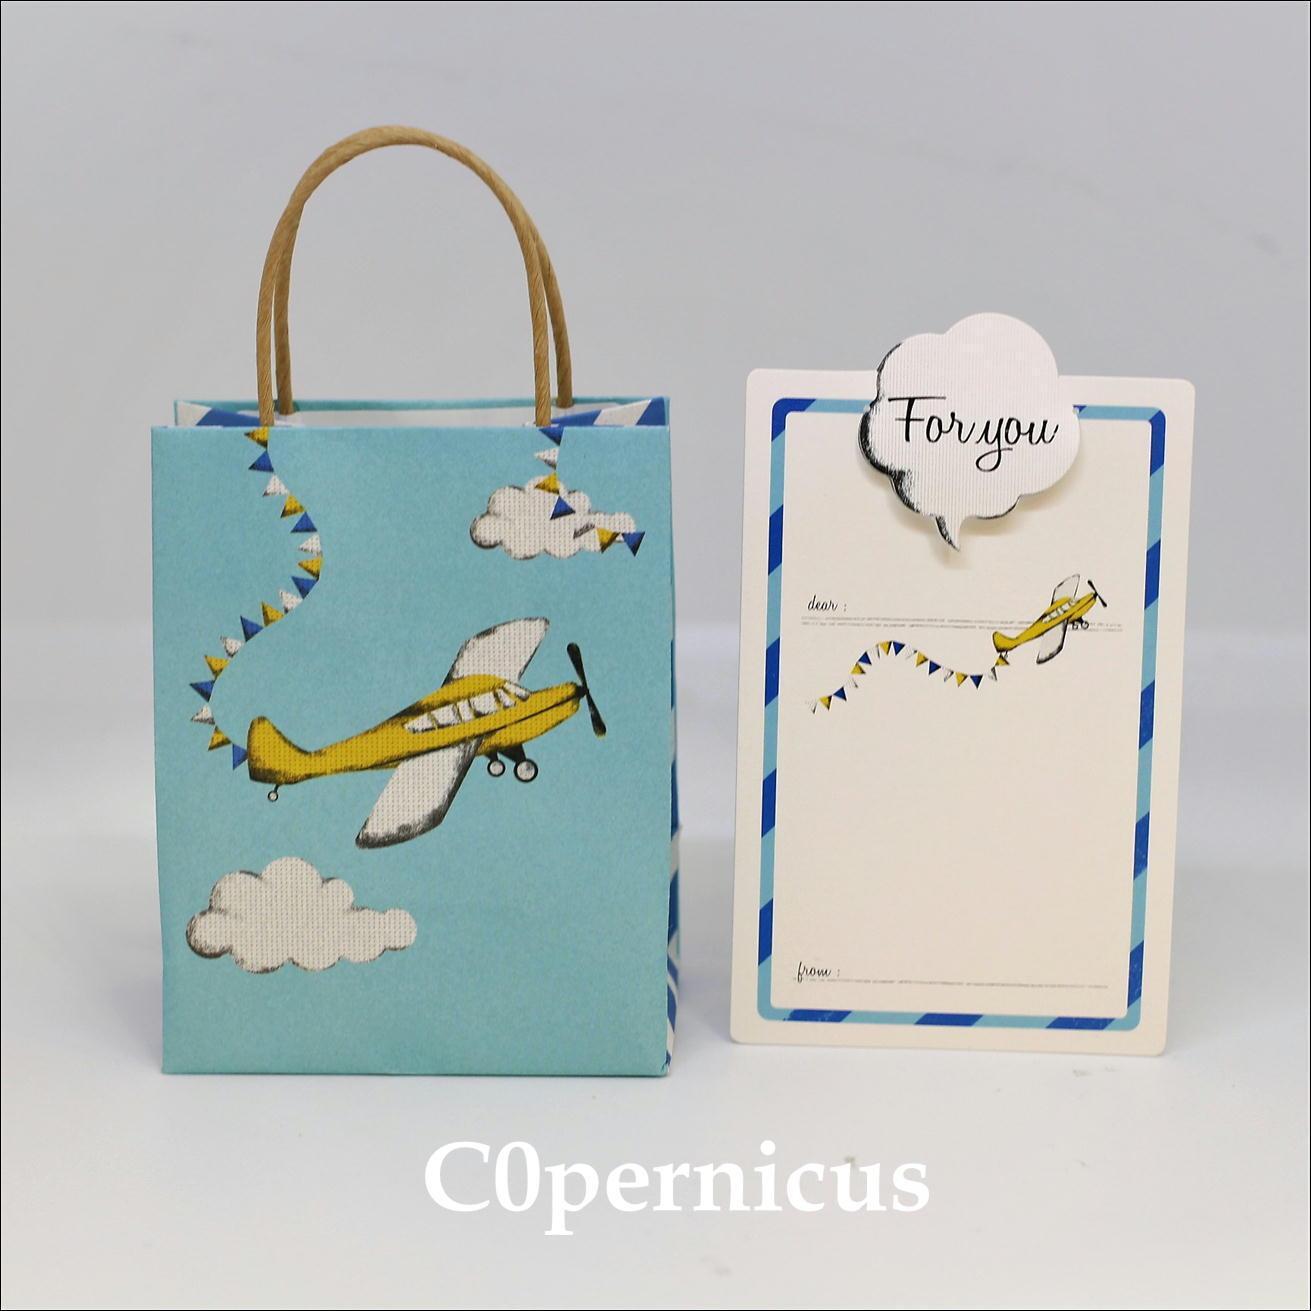 メッセージカード/紙袋/ギフト袋 (飛行機)web限定価格浜松雑貨屋 C0pernicus  便箋・紙袋レターセット